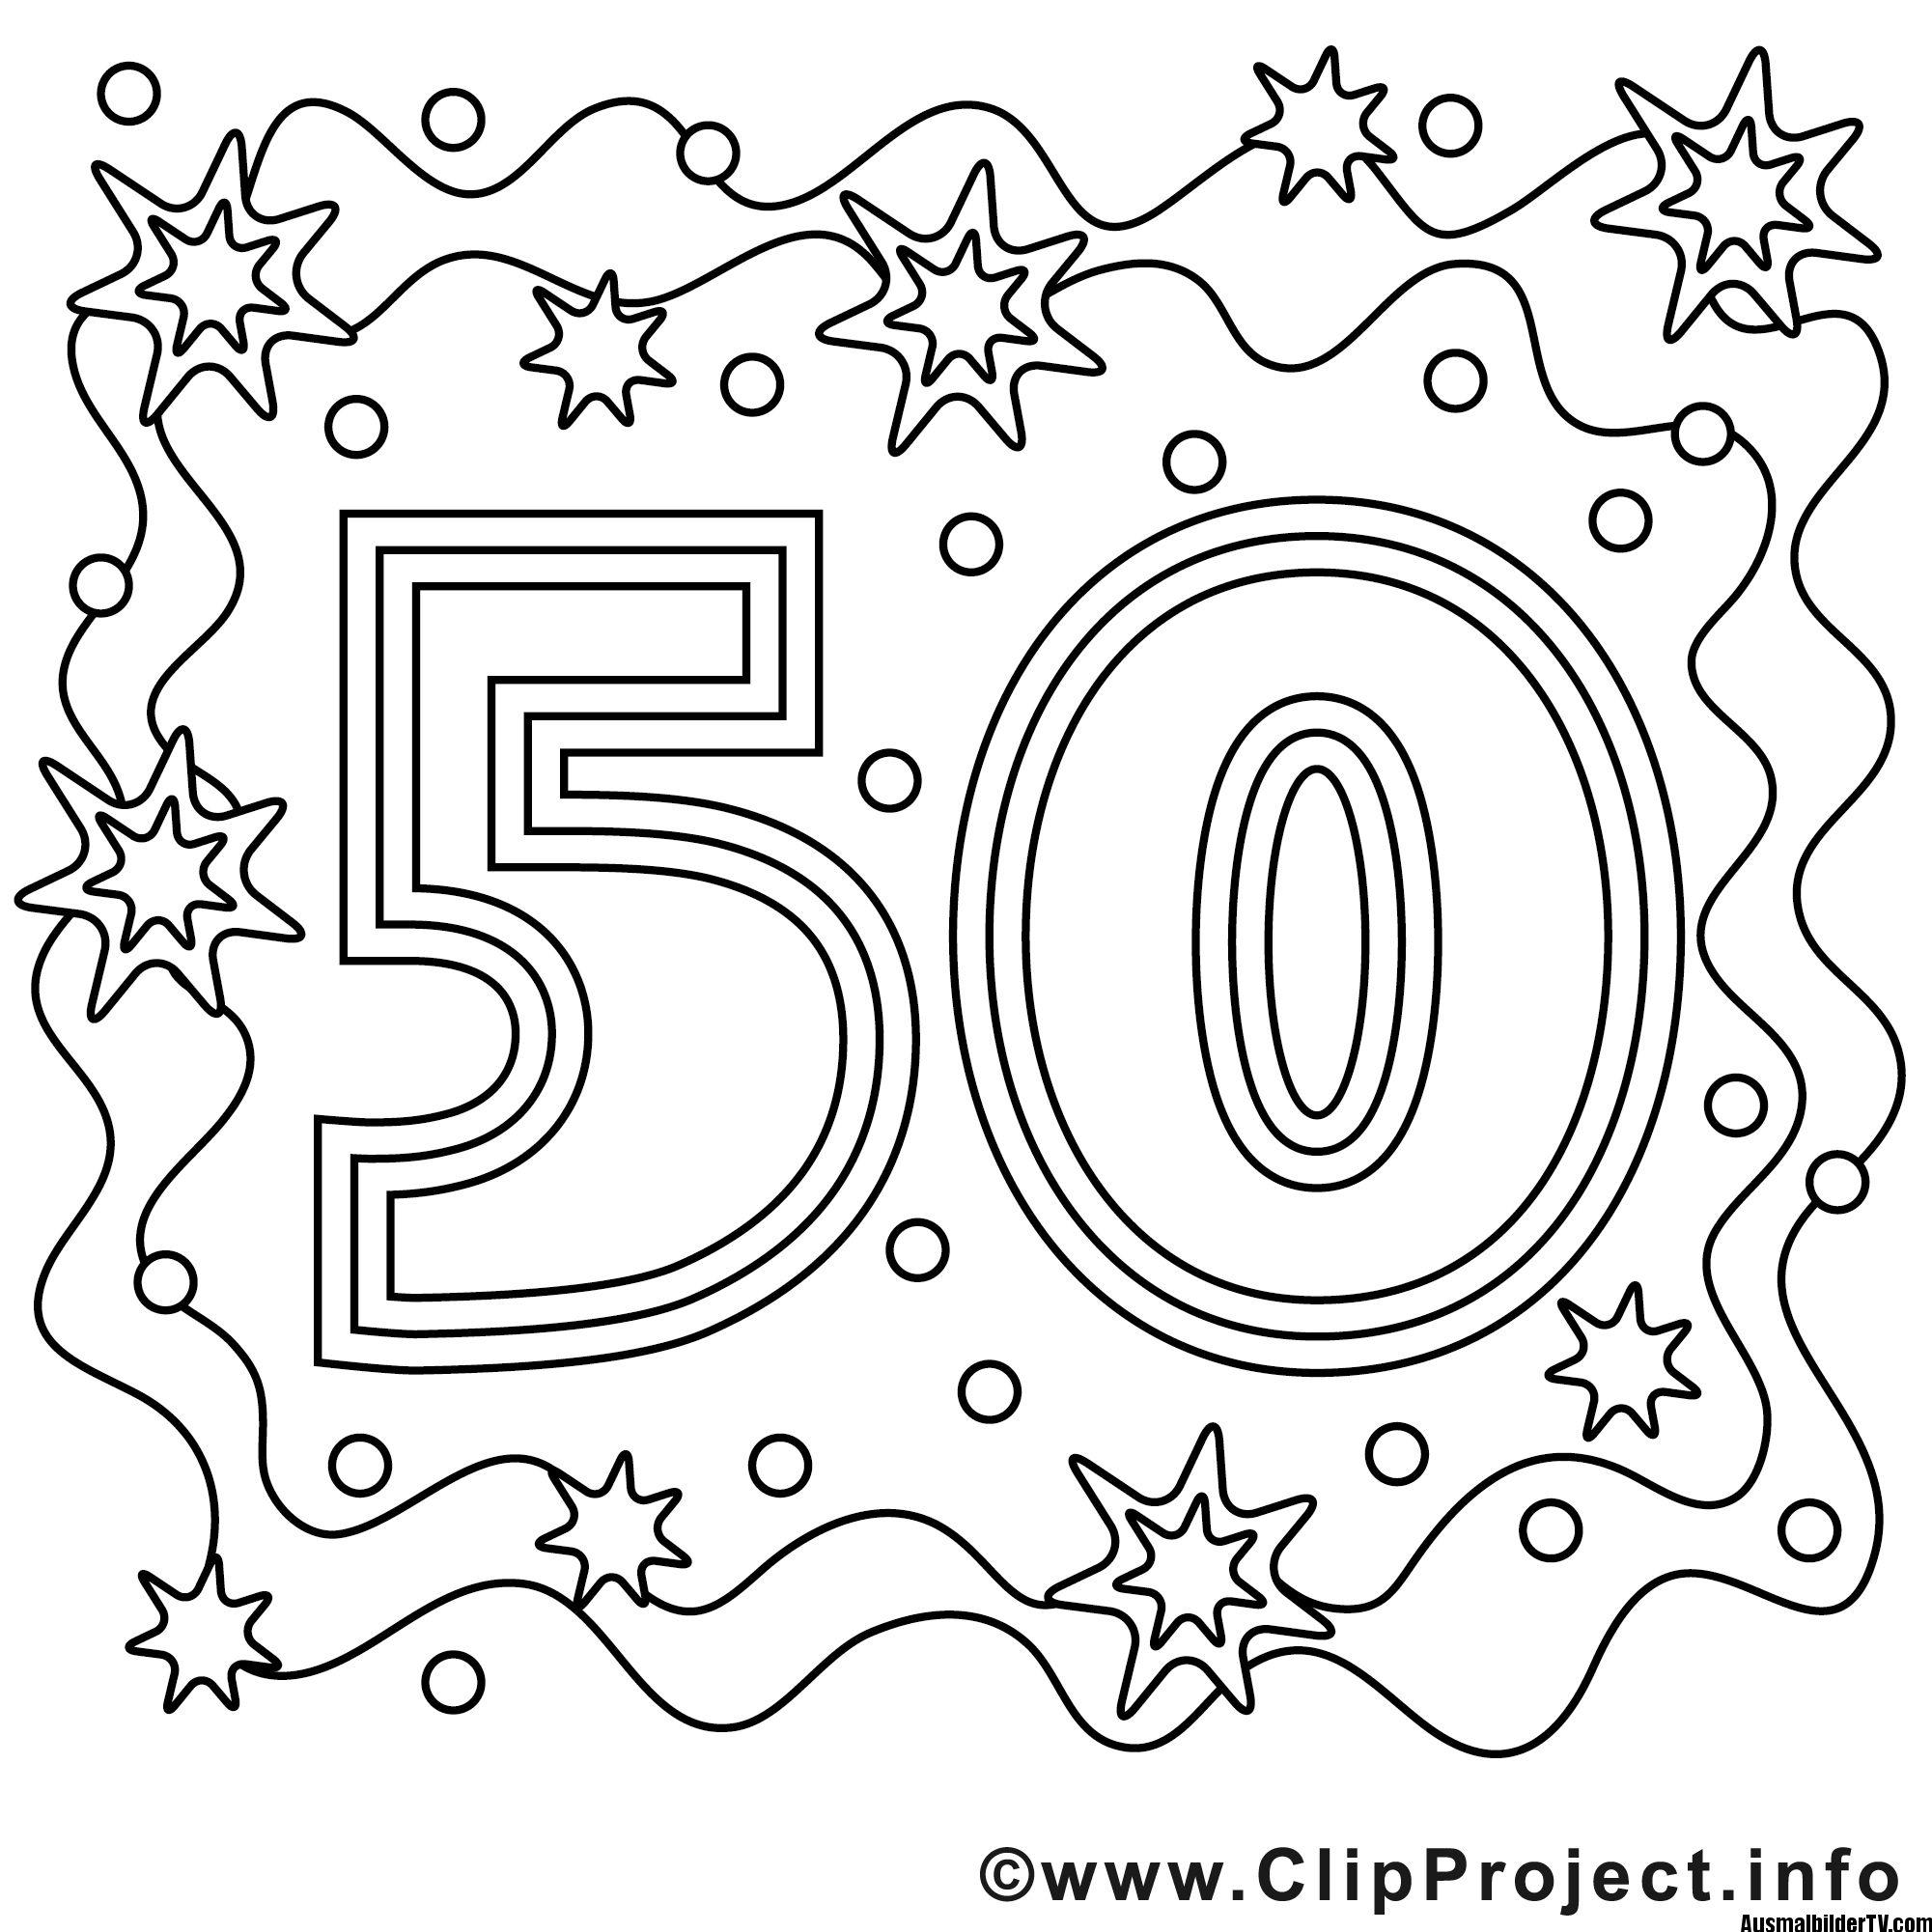 Ausmalbild zum 50 Geburtstag | ausmalbilder | Pinterest | Zum 50 ...